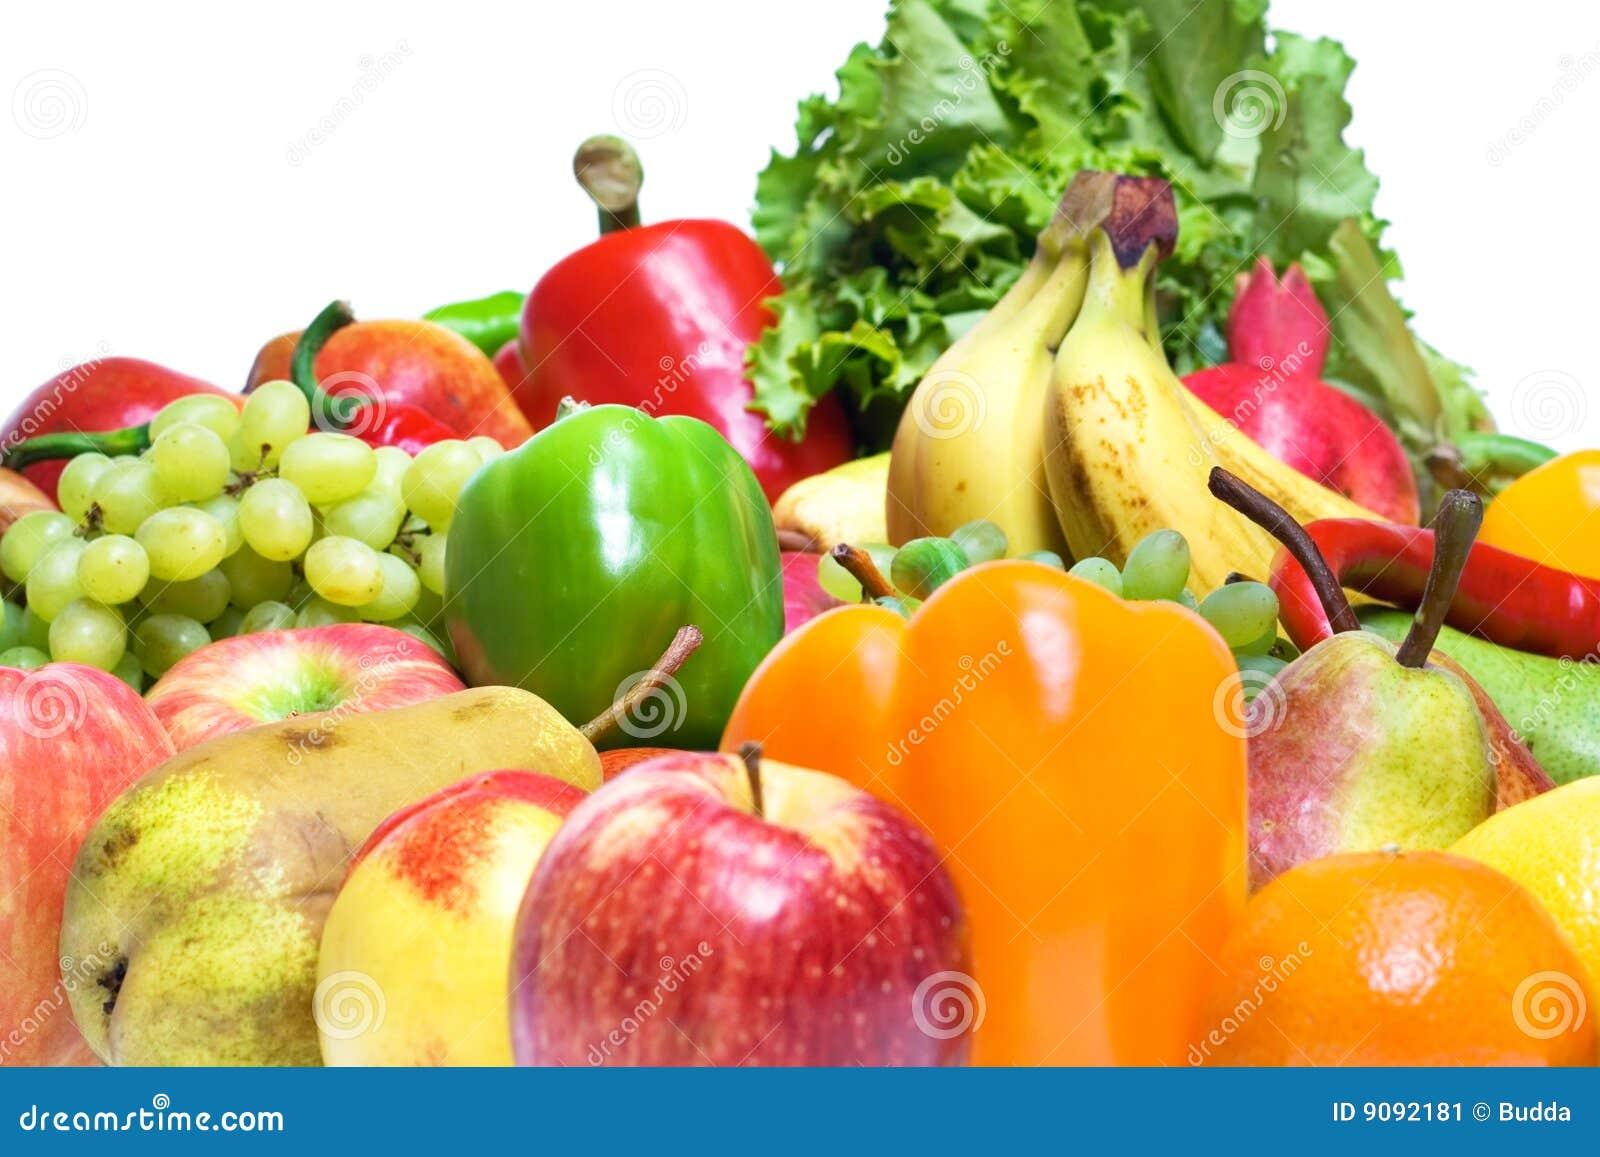 Früchte u. Gemüse